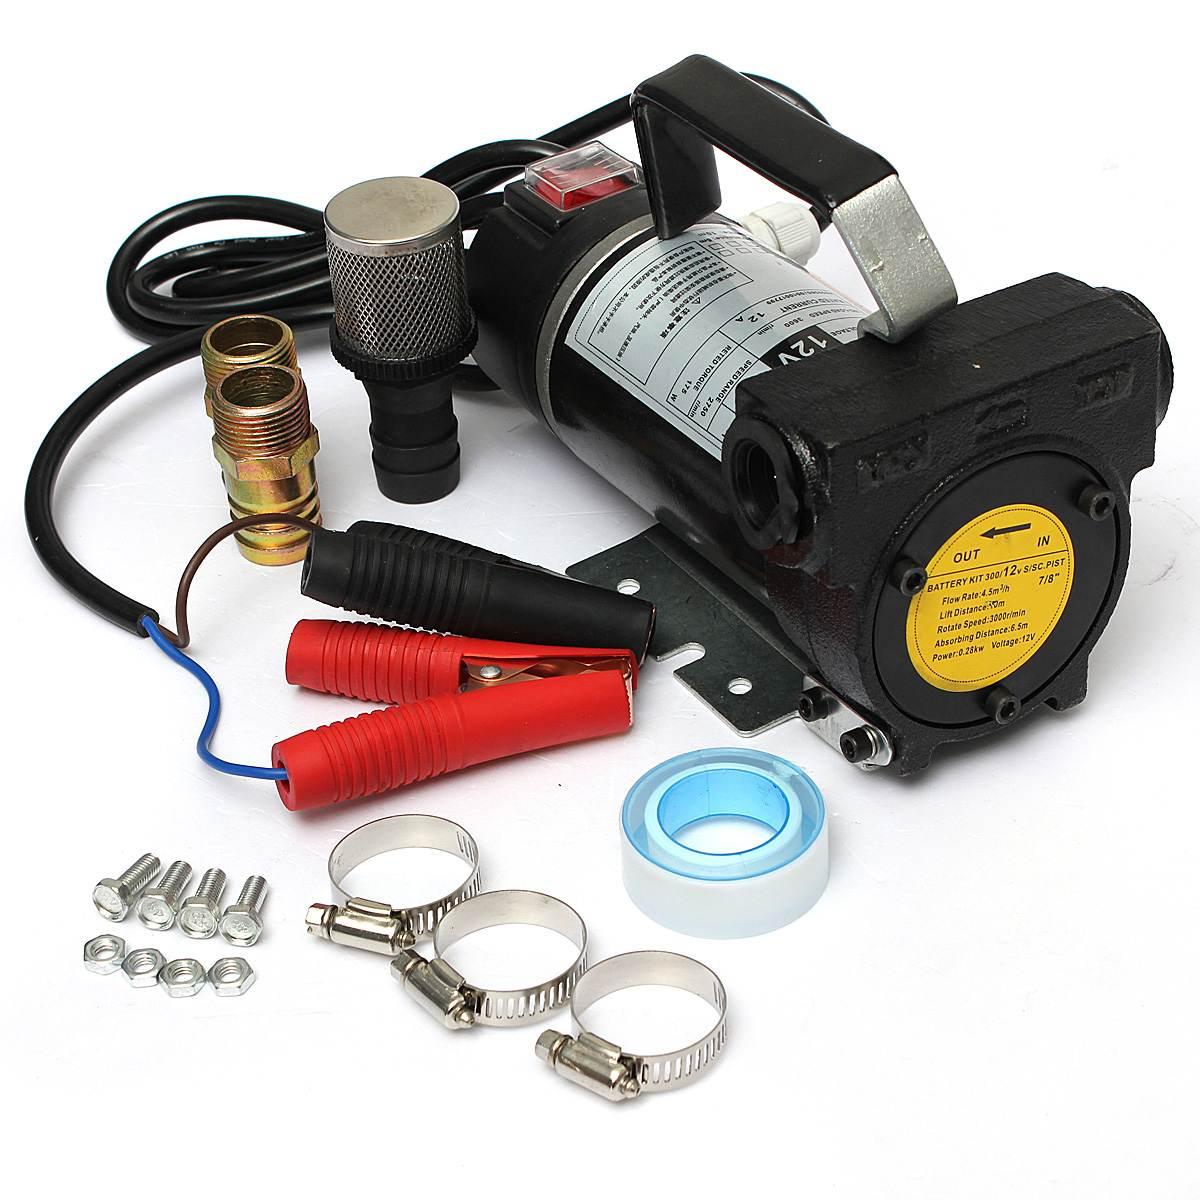 12 v 200 W Voiture Moto Portable Électrique Mazout Extractor Pompe De Transfert 45L/Min Balck